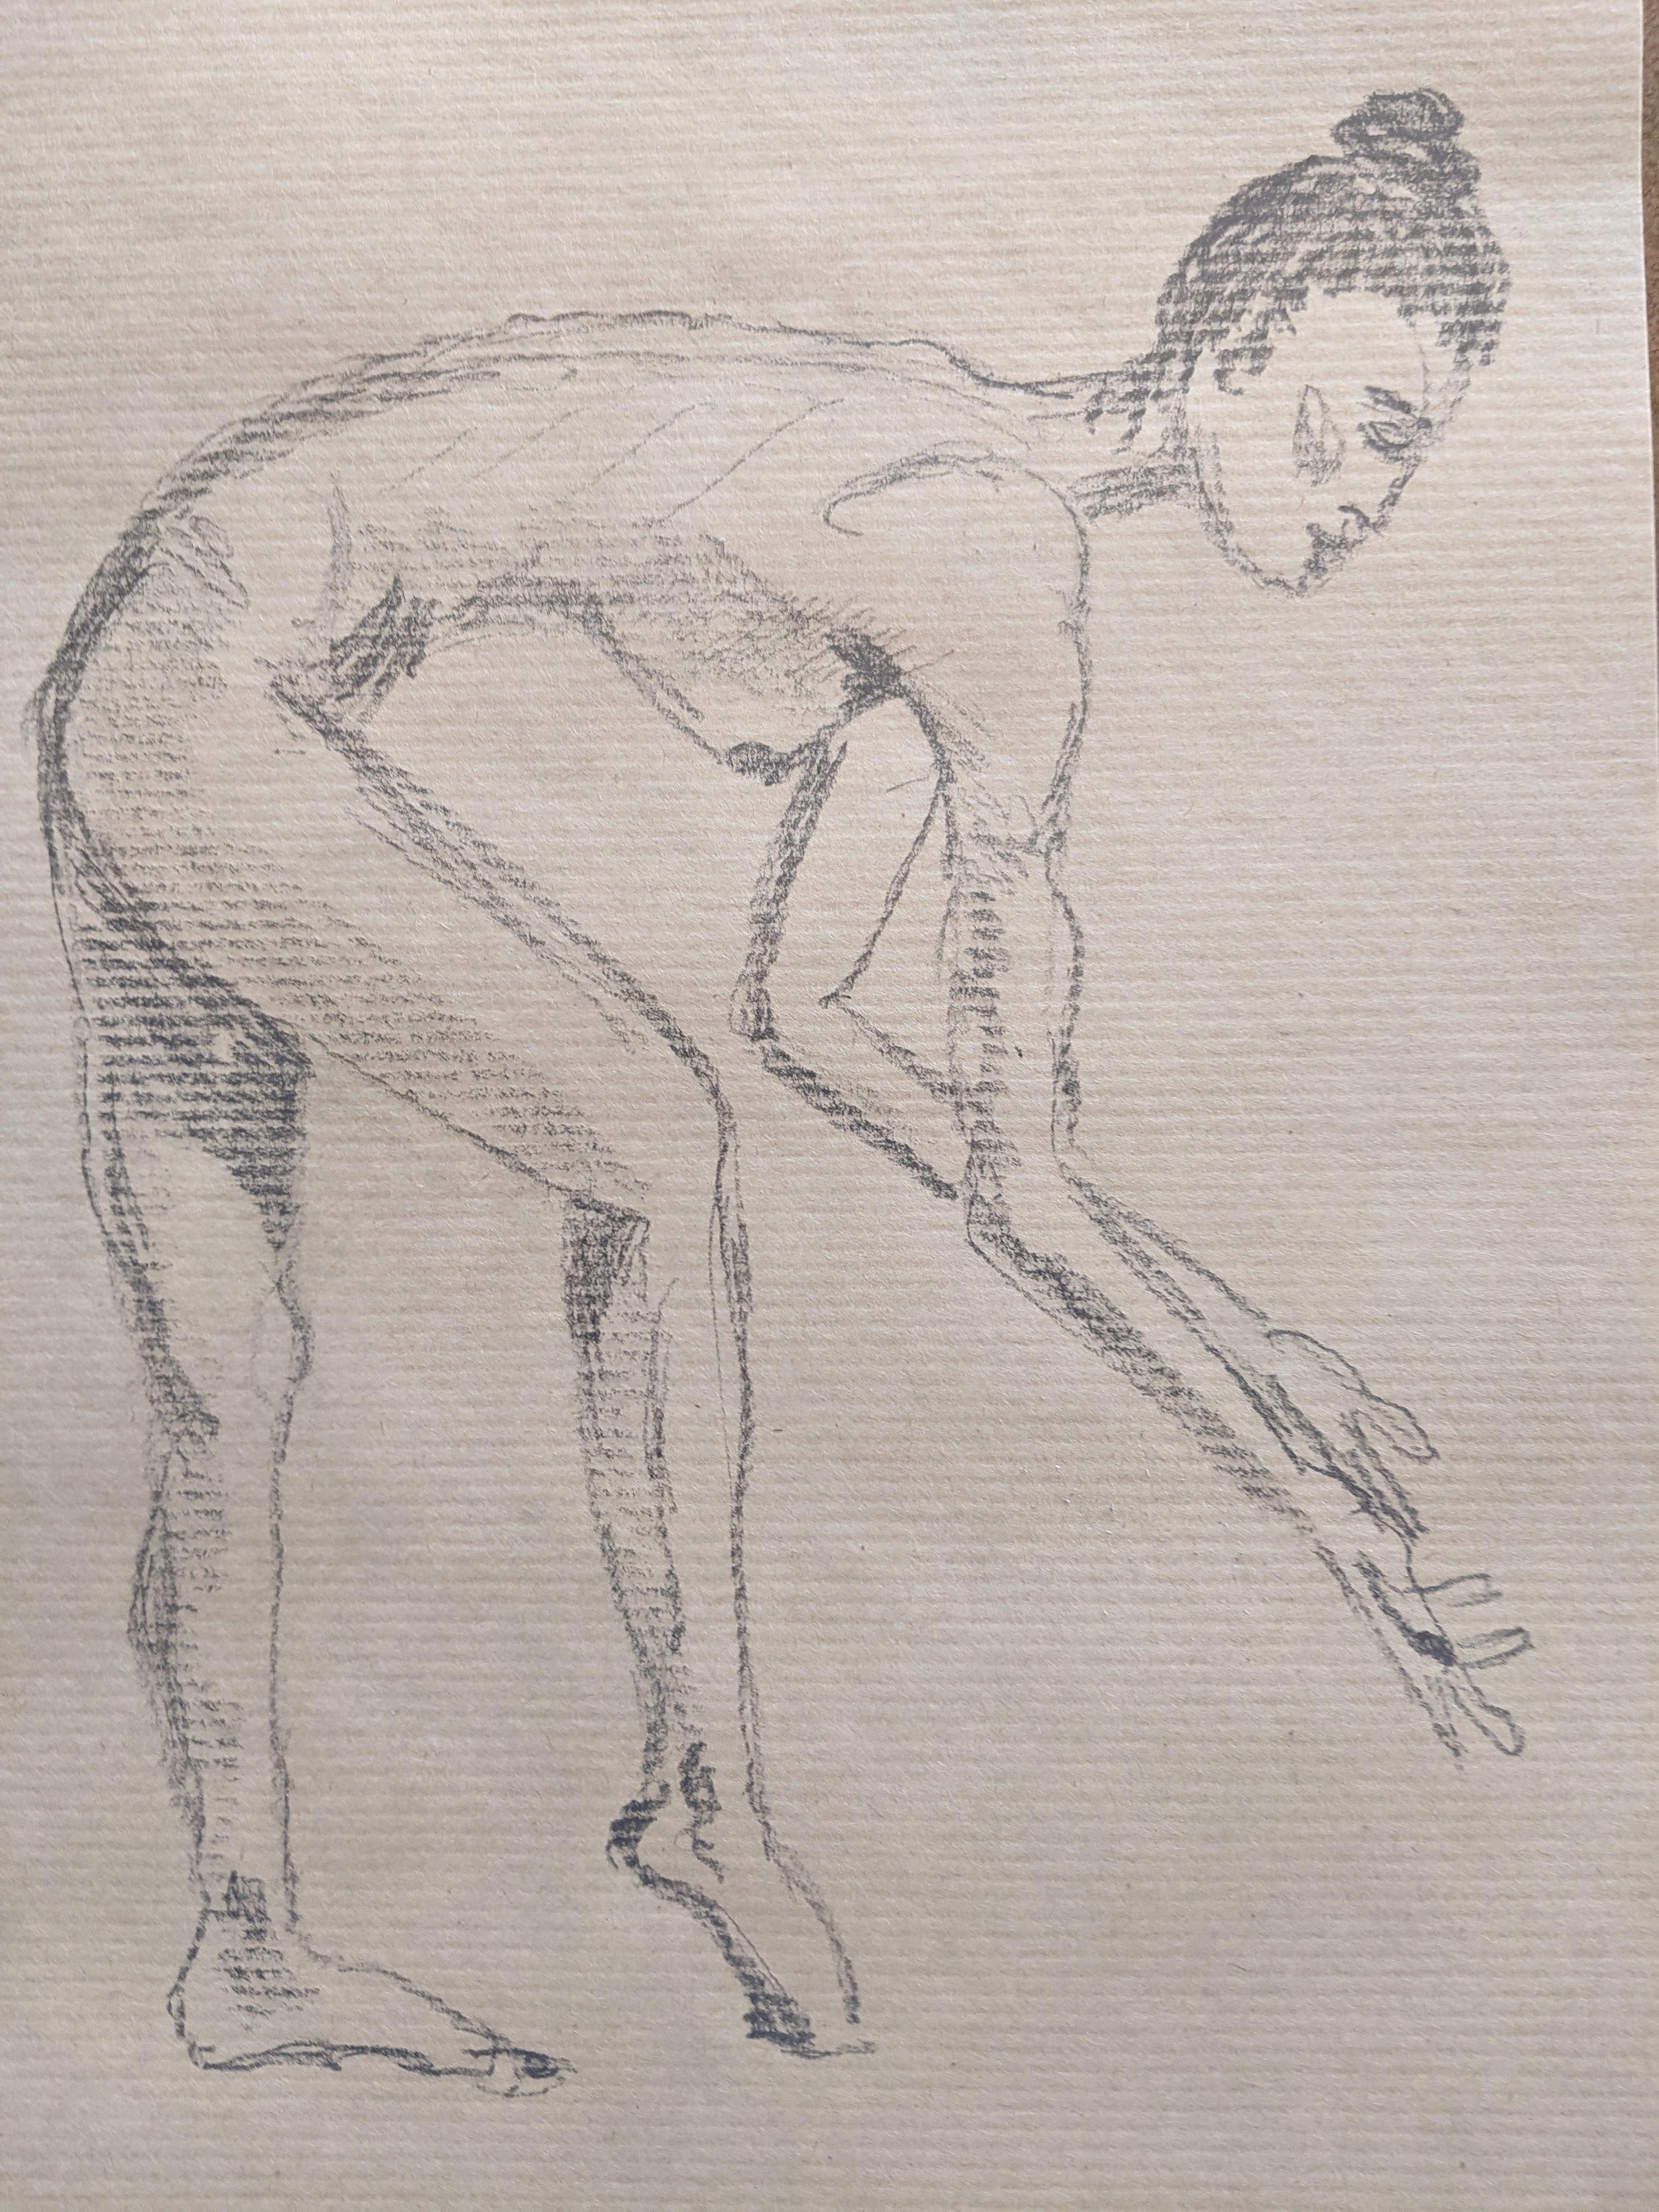 Croquis graphite et hachures sur papier Kraft réalisé à l'atelier Artgraphe Paris  cours de dessin